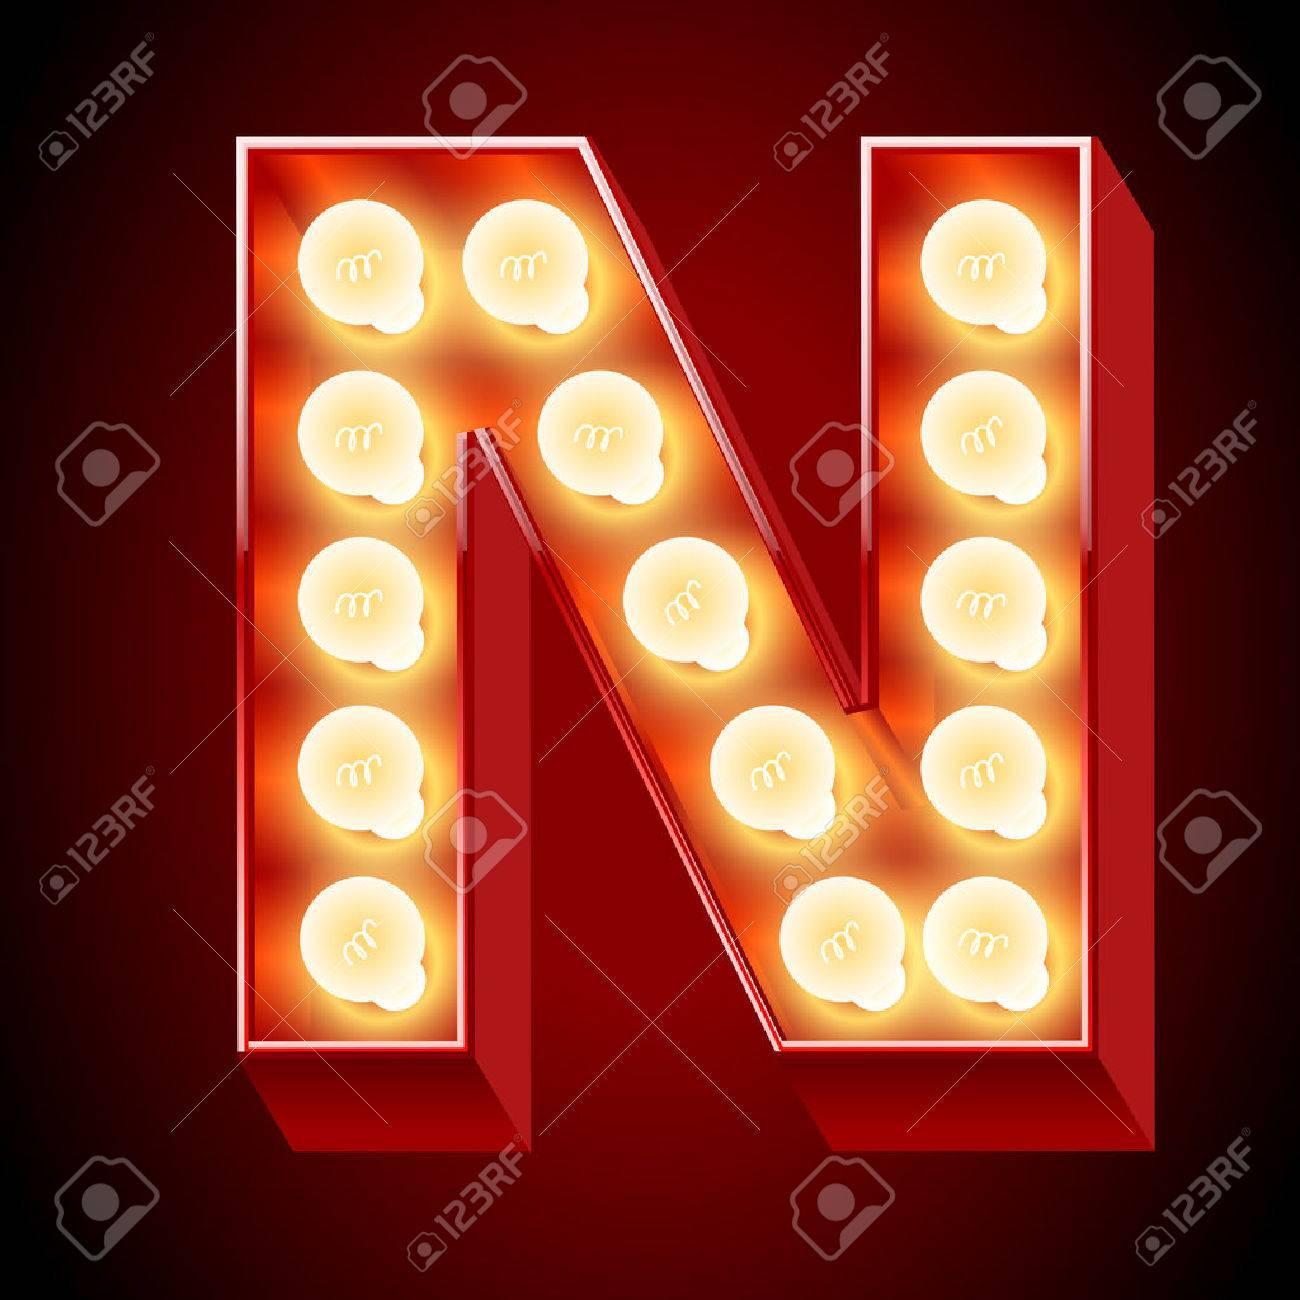 Old laNmp alphabet for light board  Letter N Stock Vector - 22207731